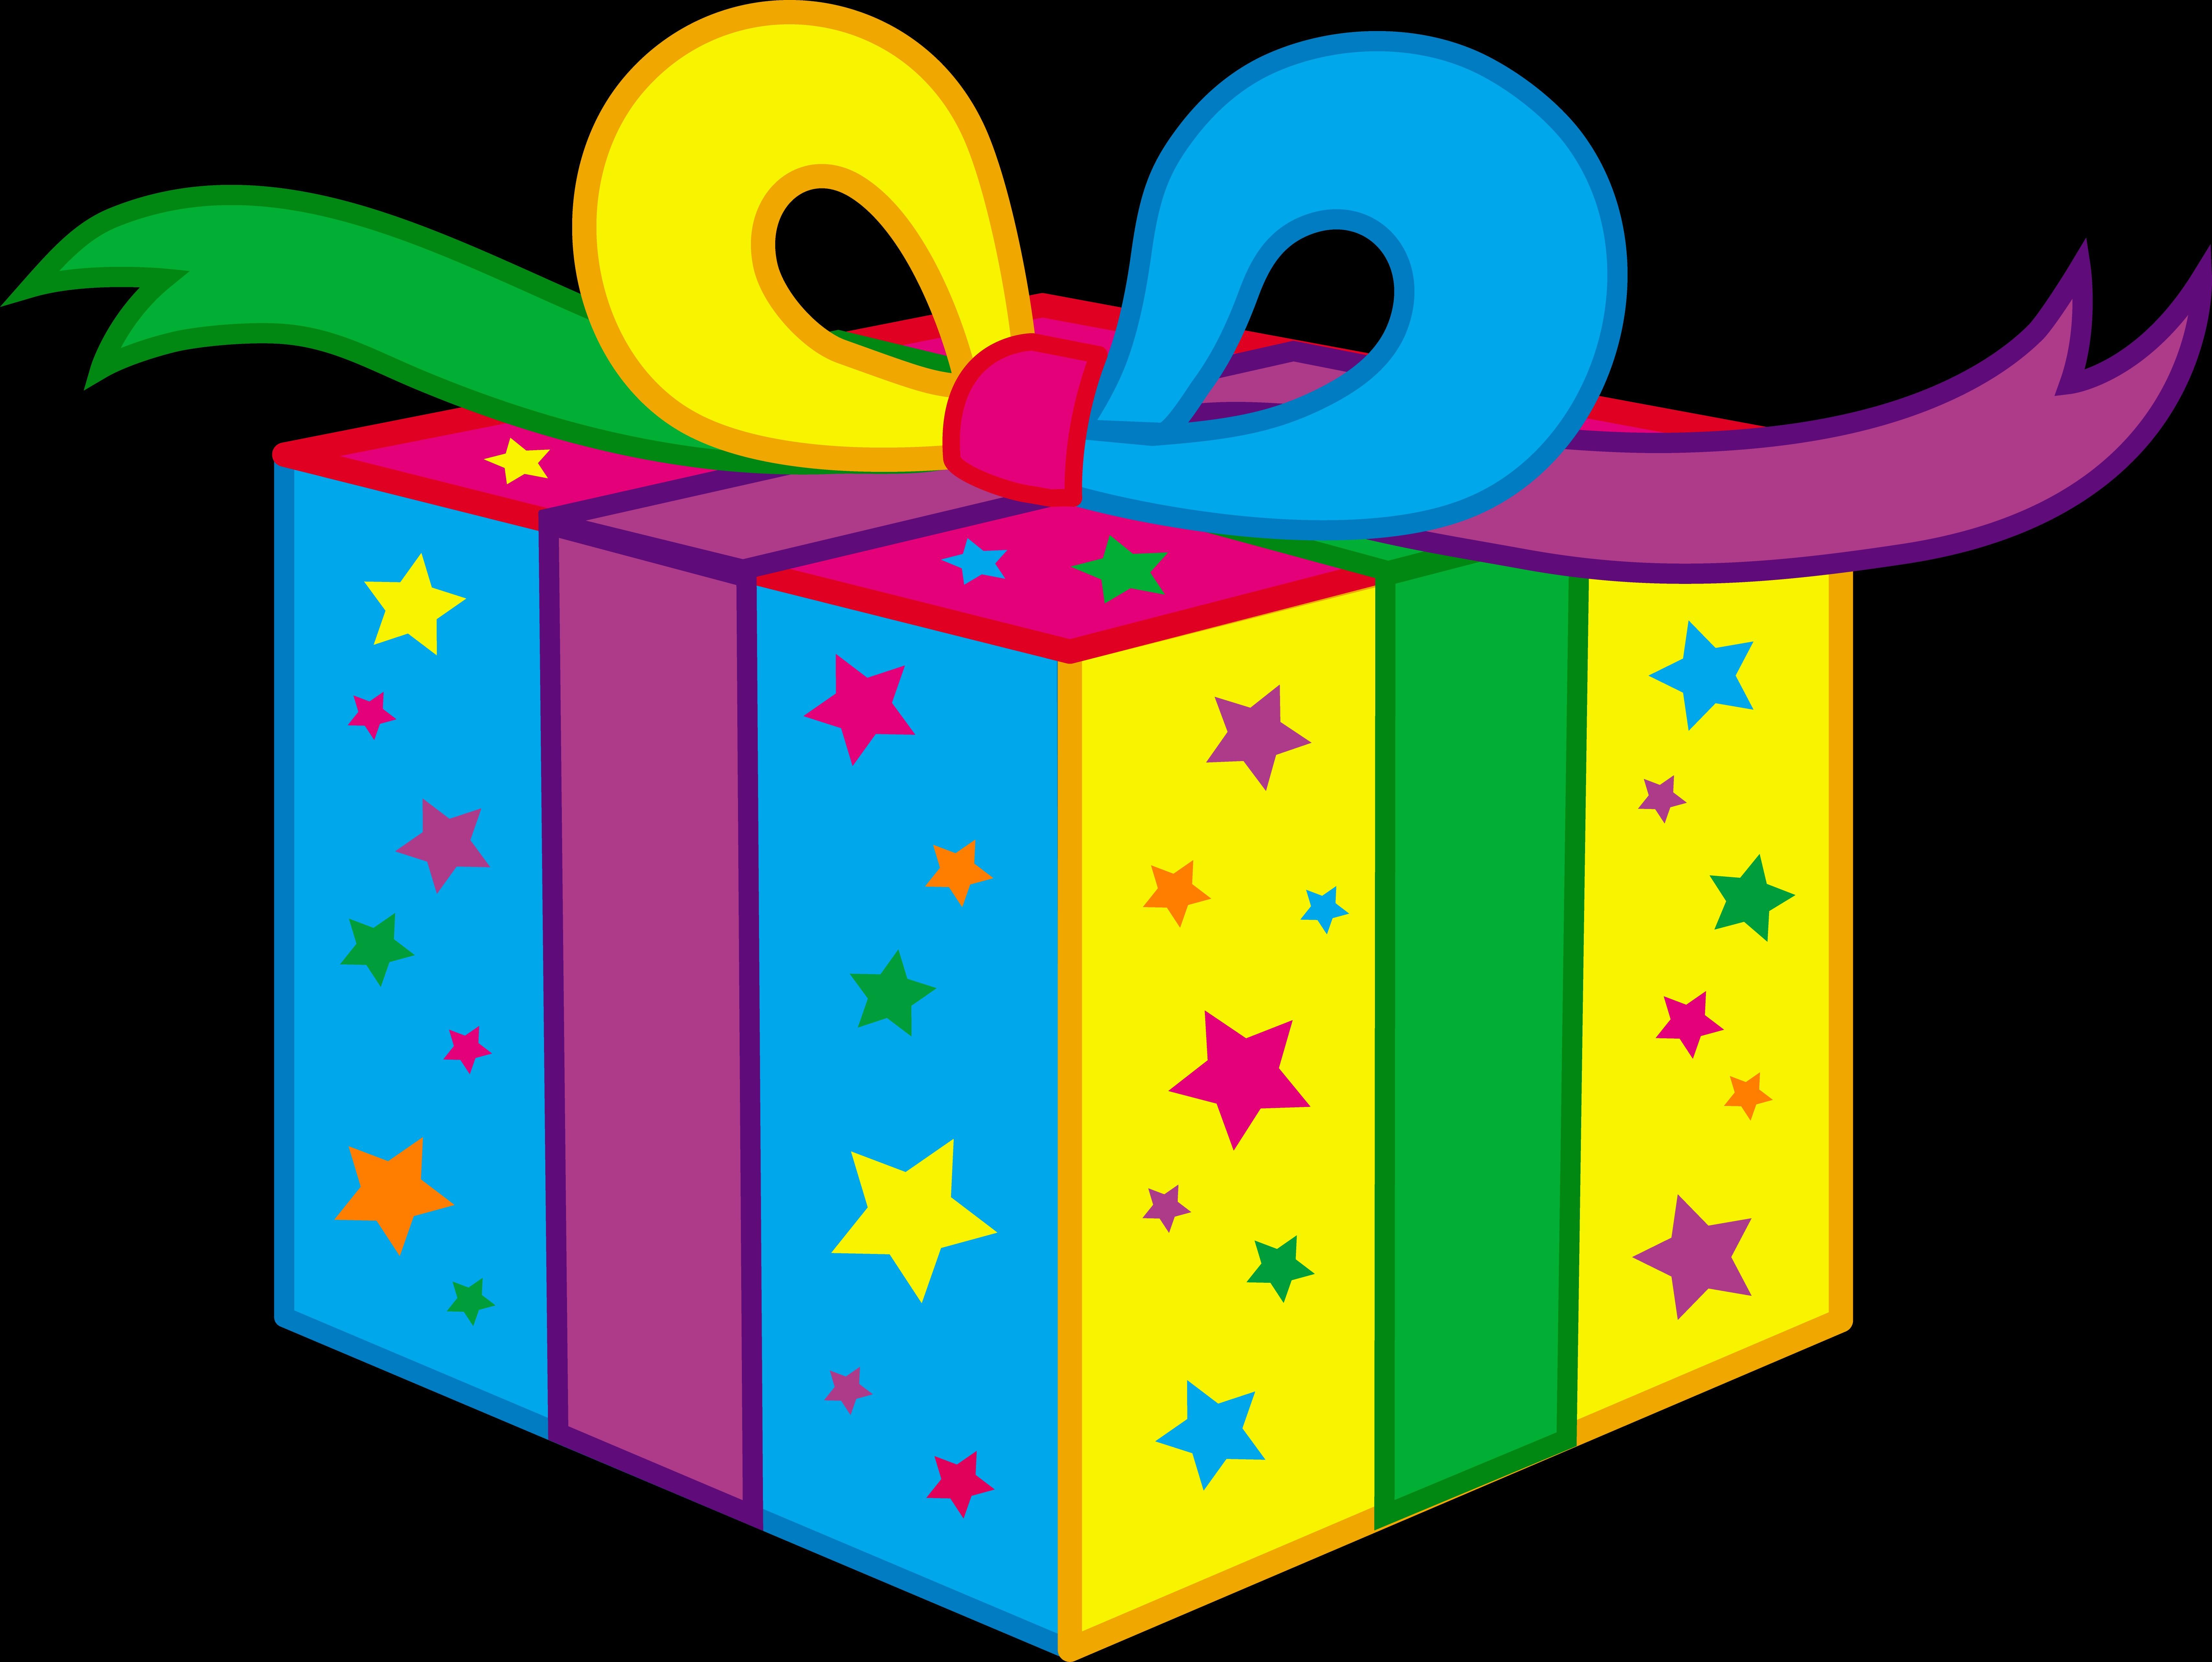 birthday present clipart free download best birthday present